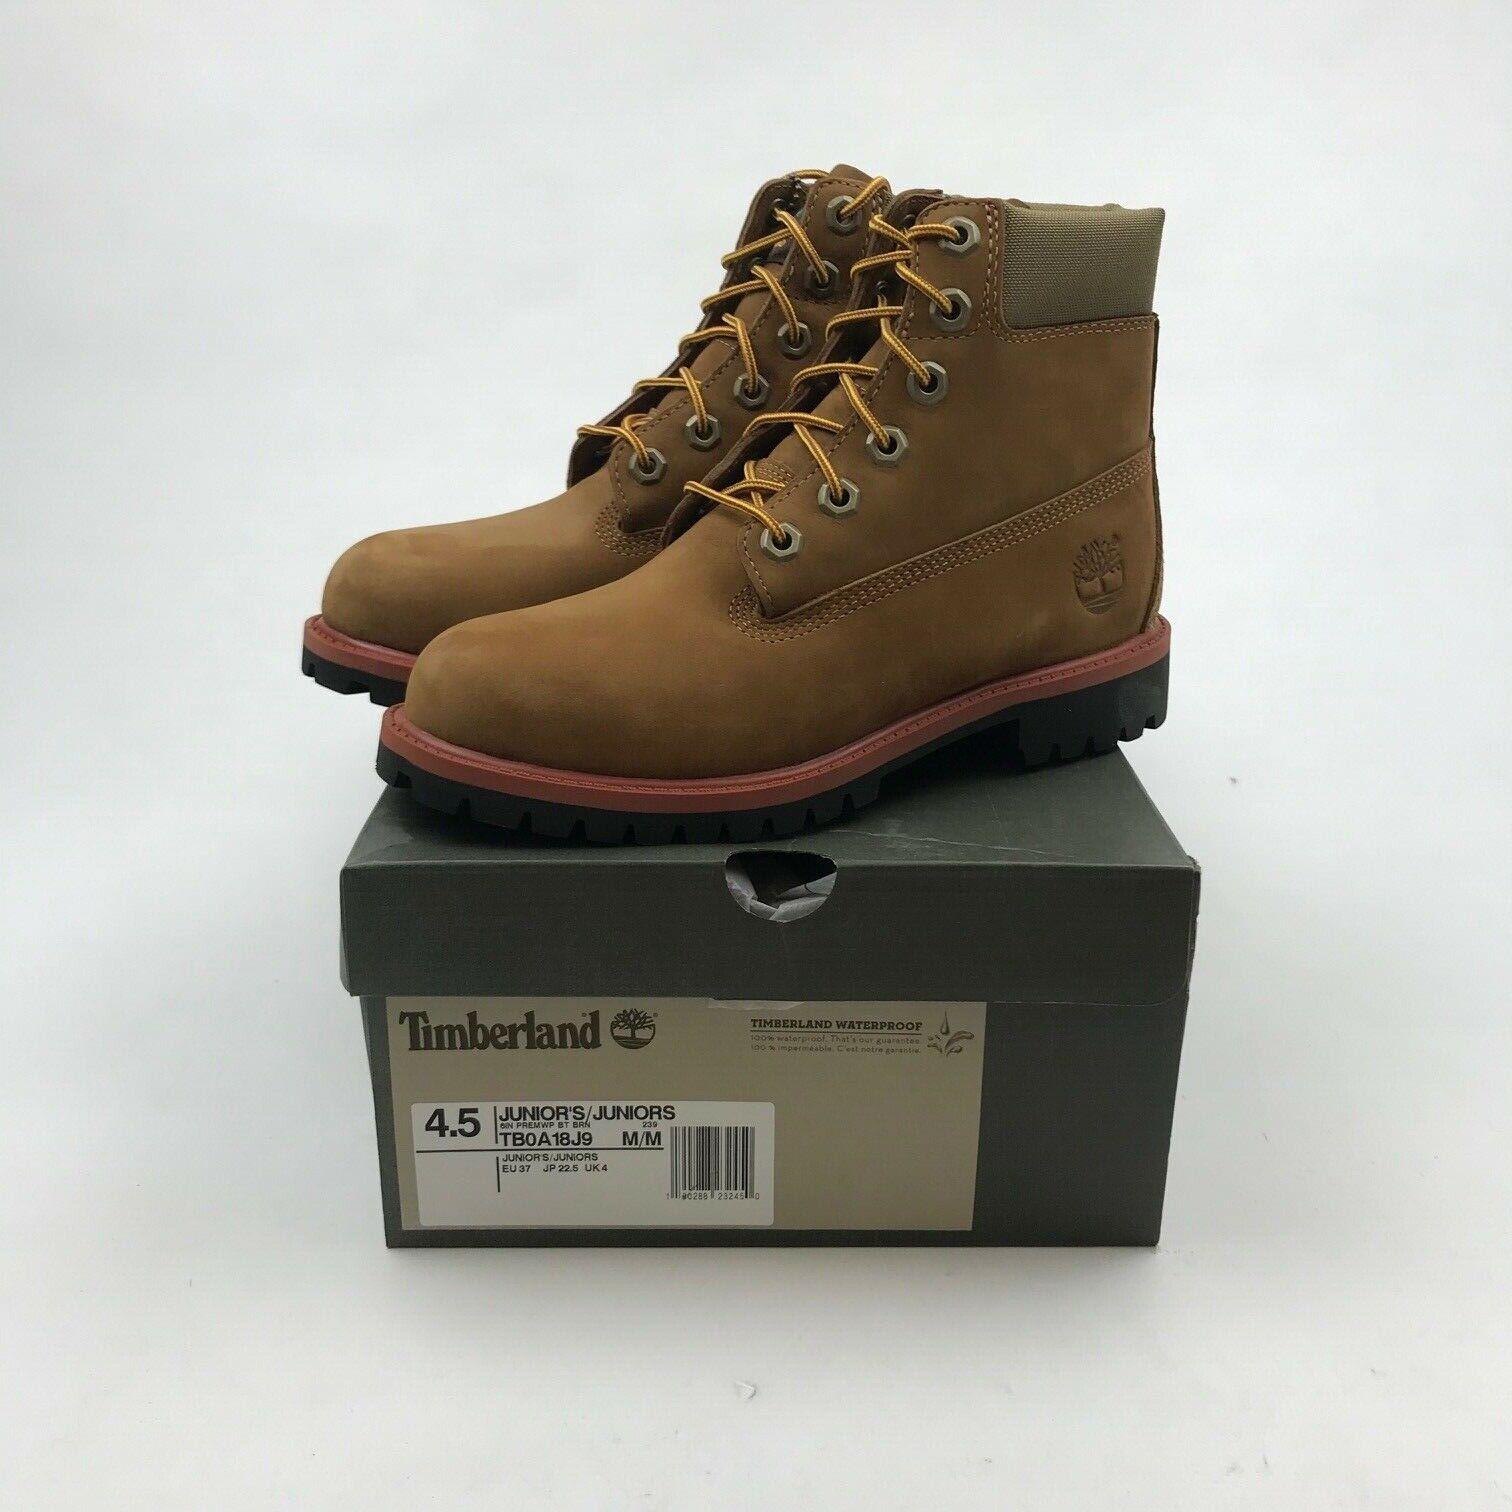 Timberland 6-inch Denim Boot Waterproof